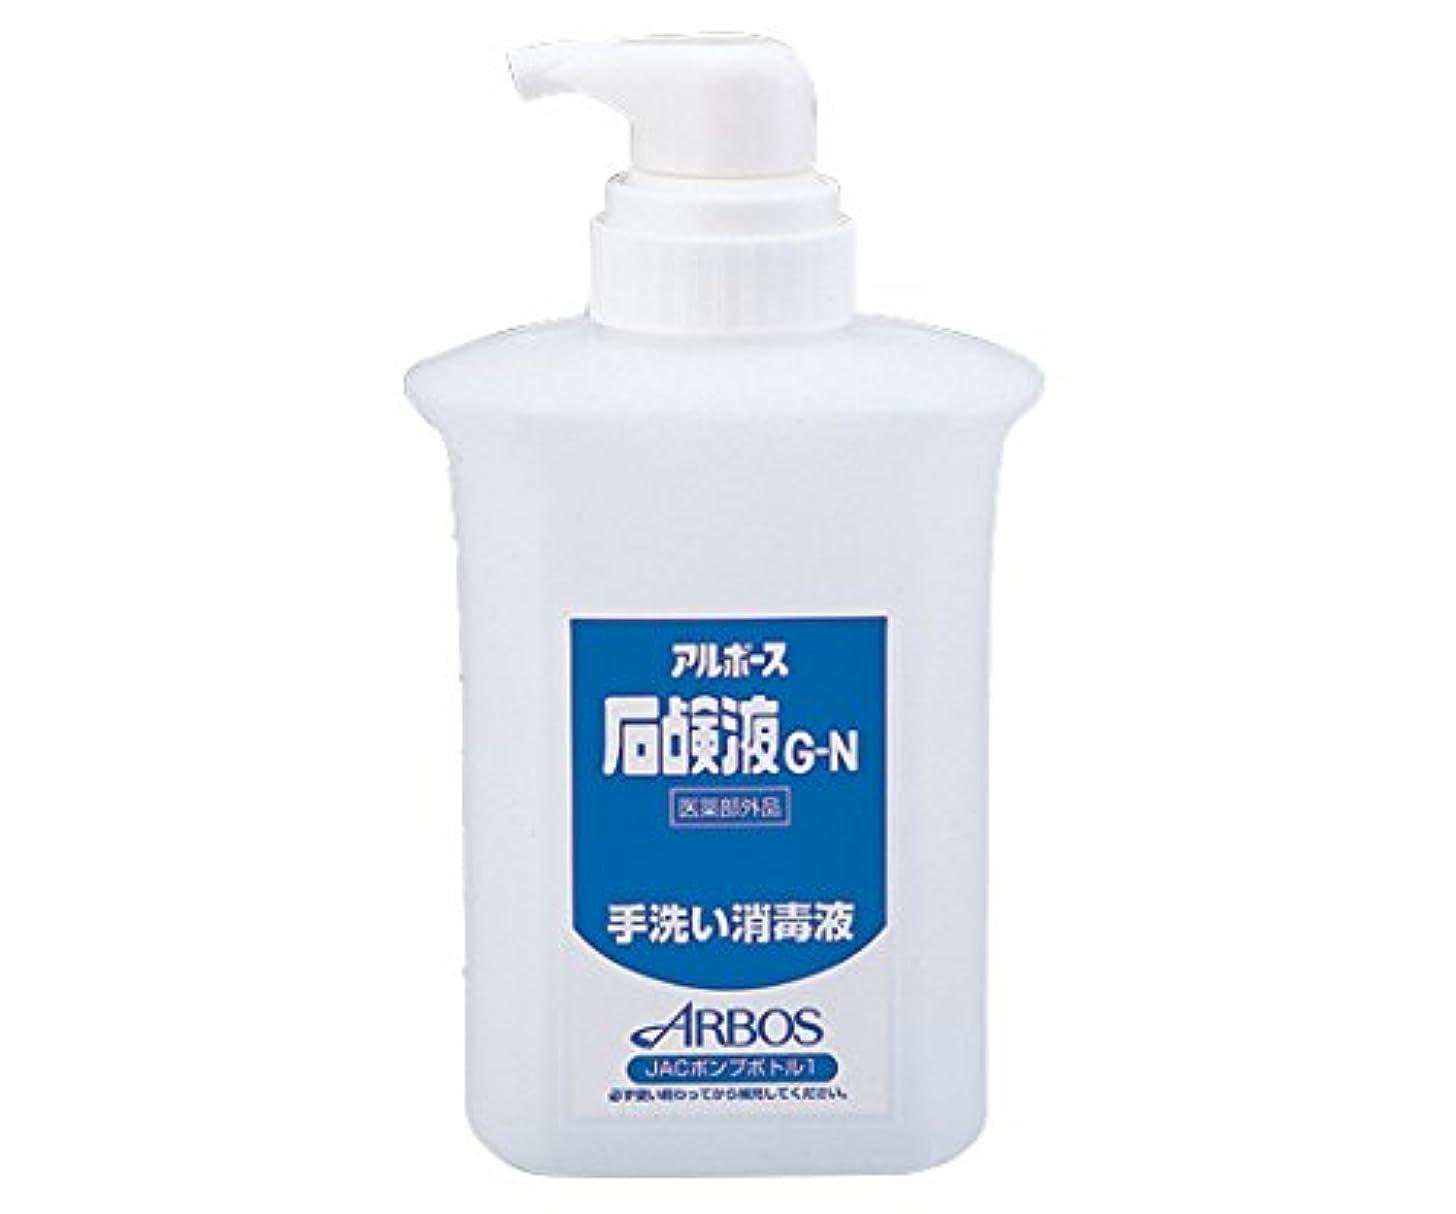 階パパインストールアルボースiG-N用ポンプボトル 1000mL